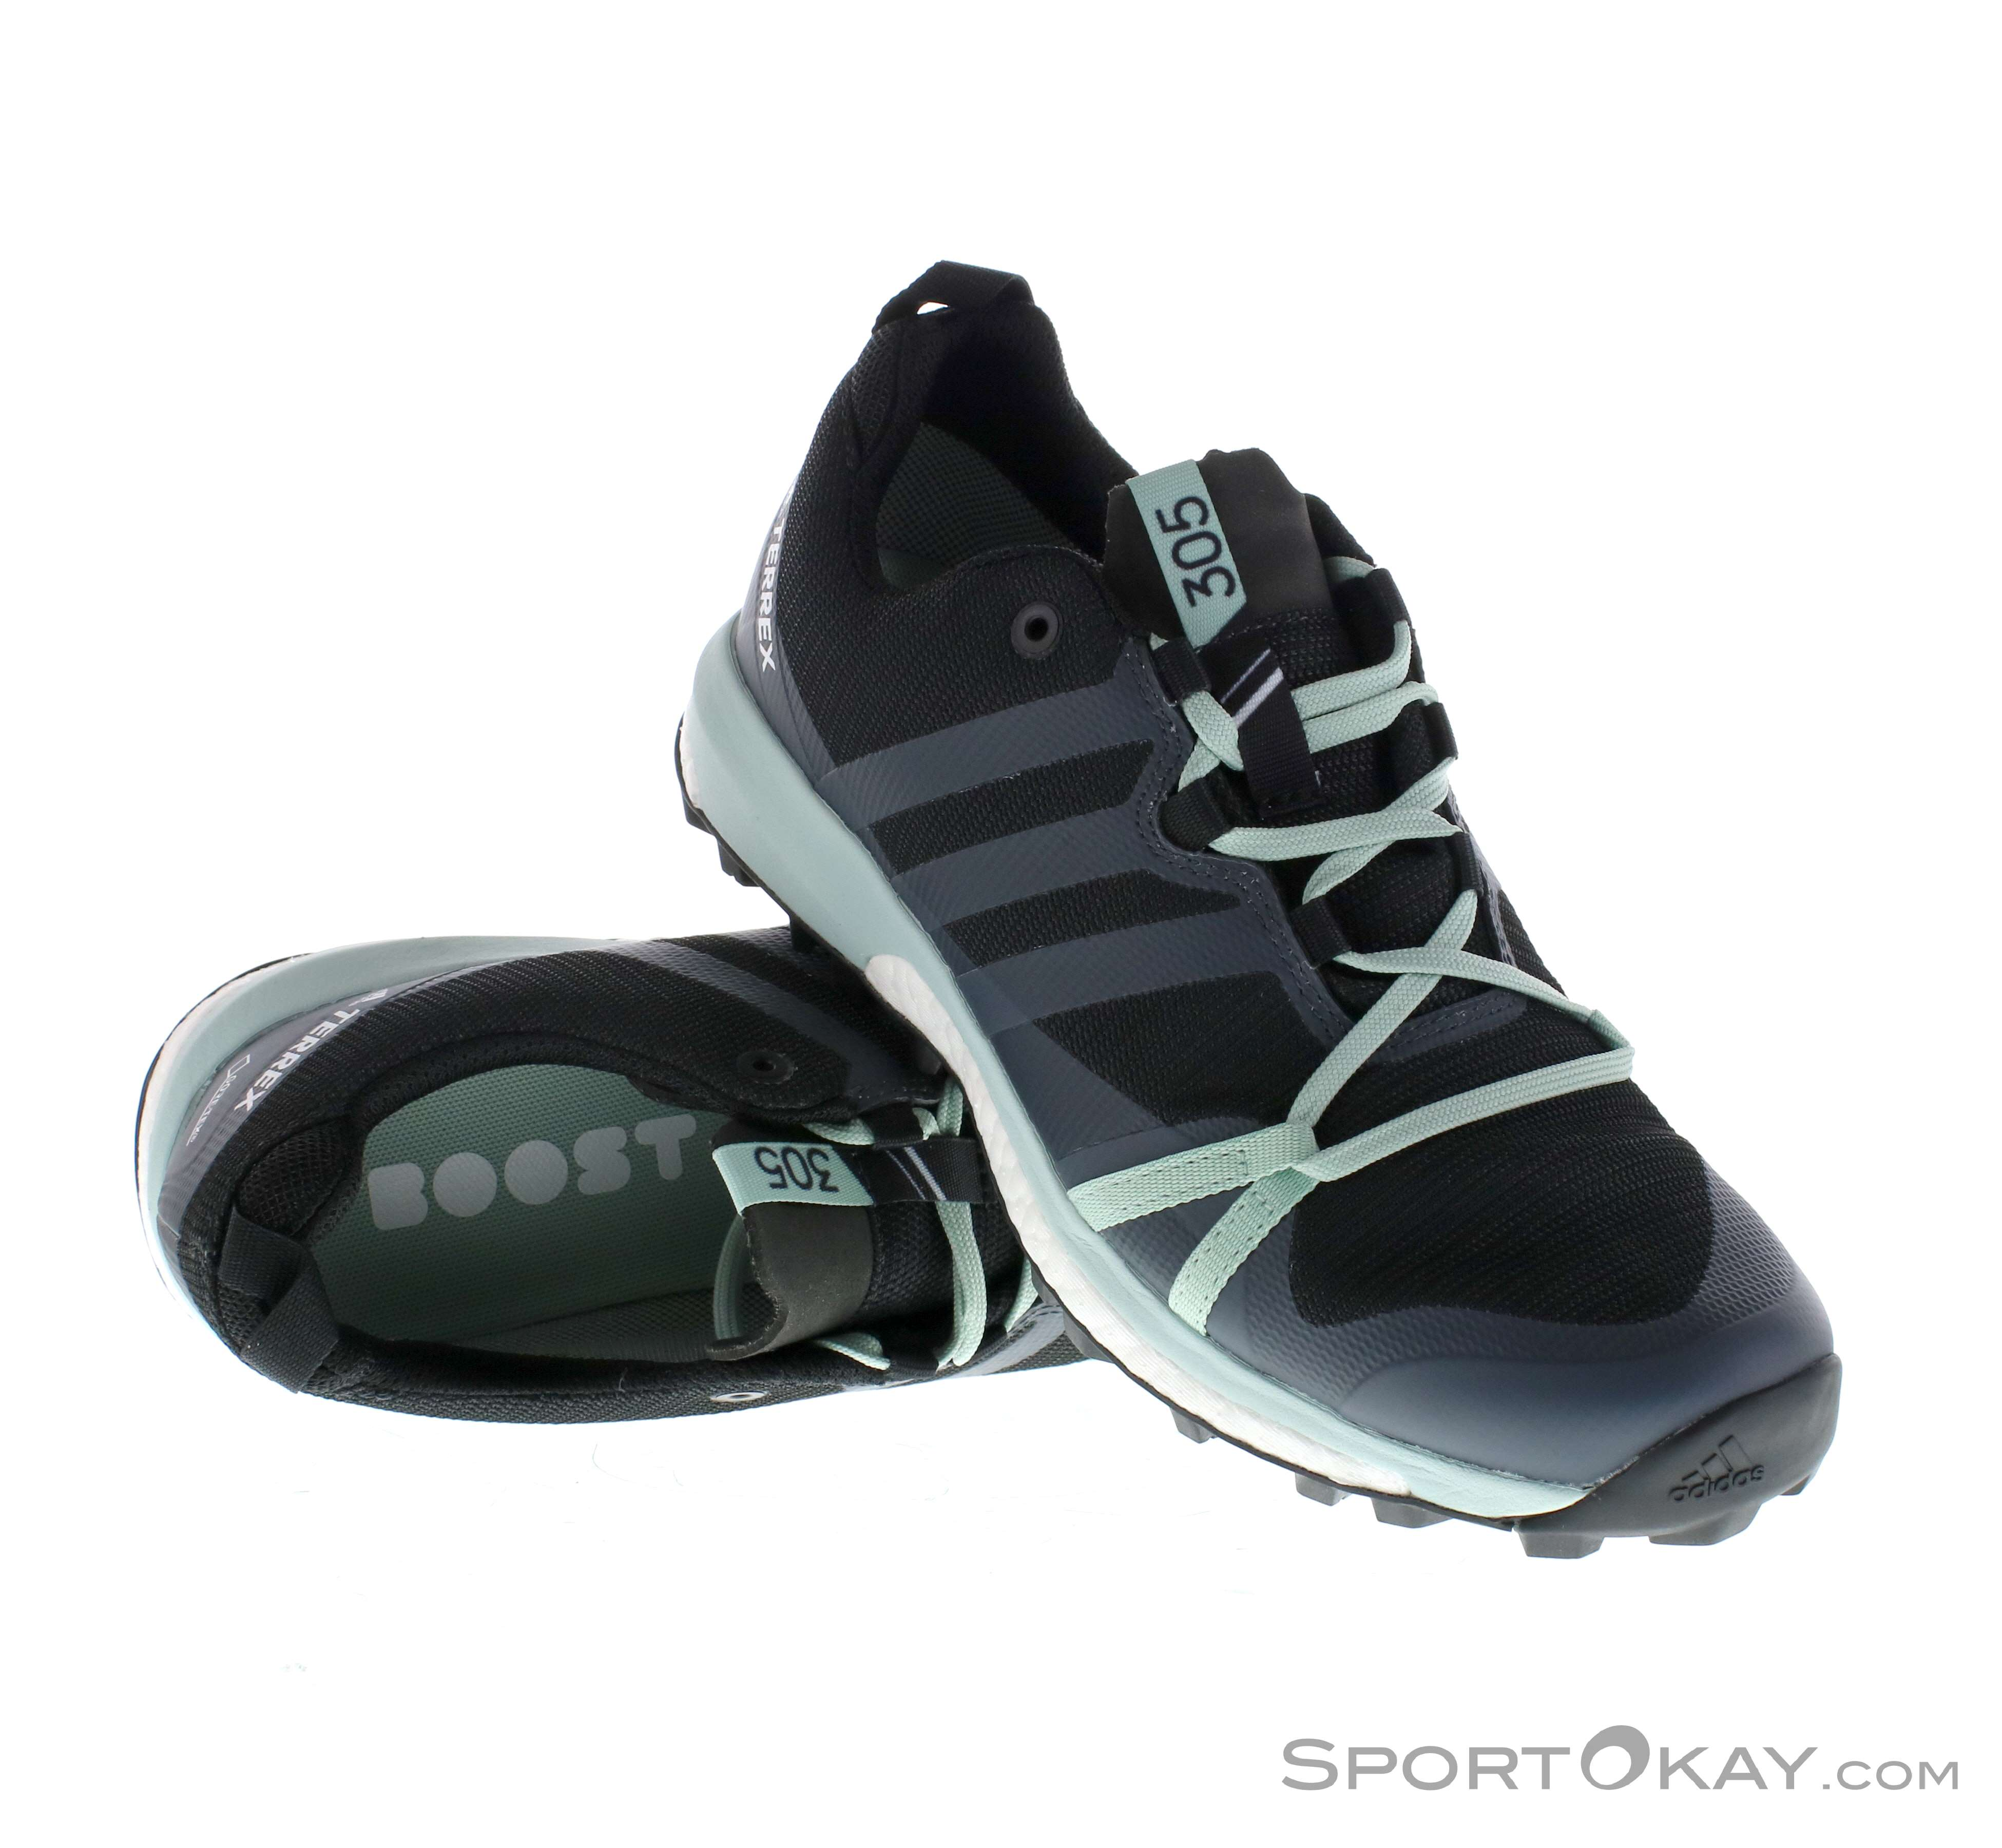 cheap for discount 13eed a773e adidas Terrex Agravic GTX Donna Scarpe da Trekking Gore-Tex, adidas, Nero,